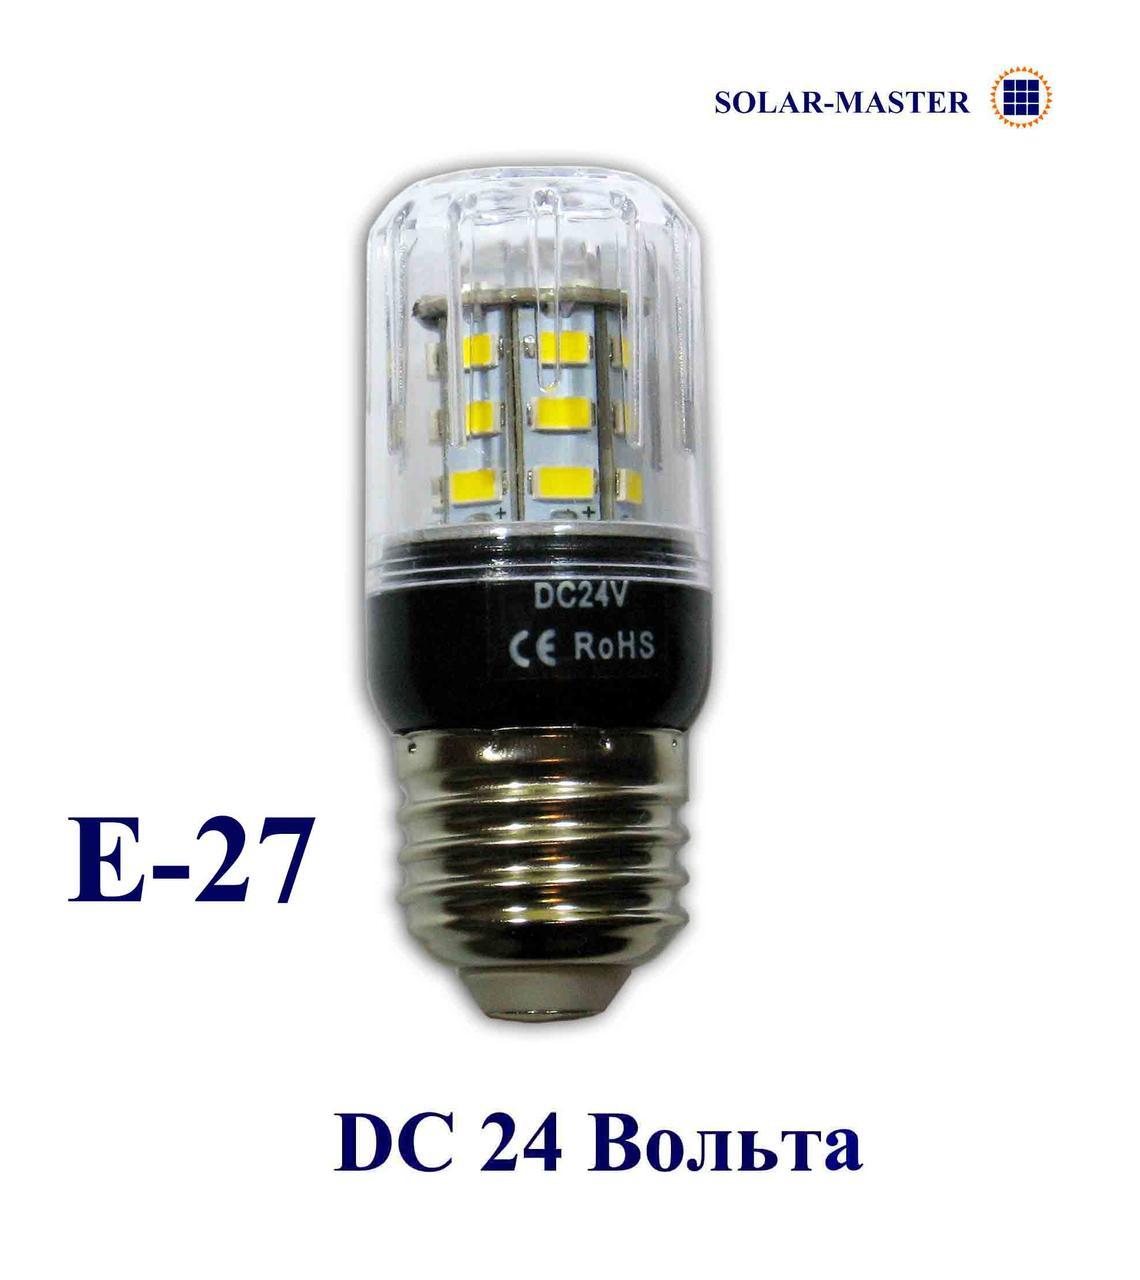 Светодиодные лампочки DC 24 Вольта 5 Вт Е27